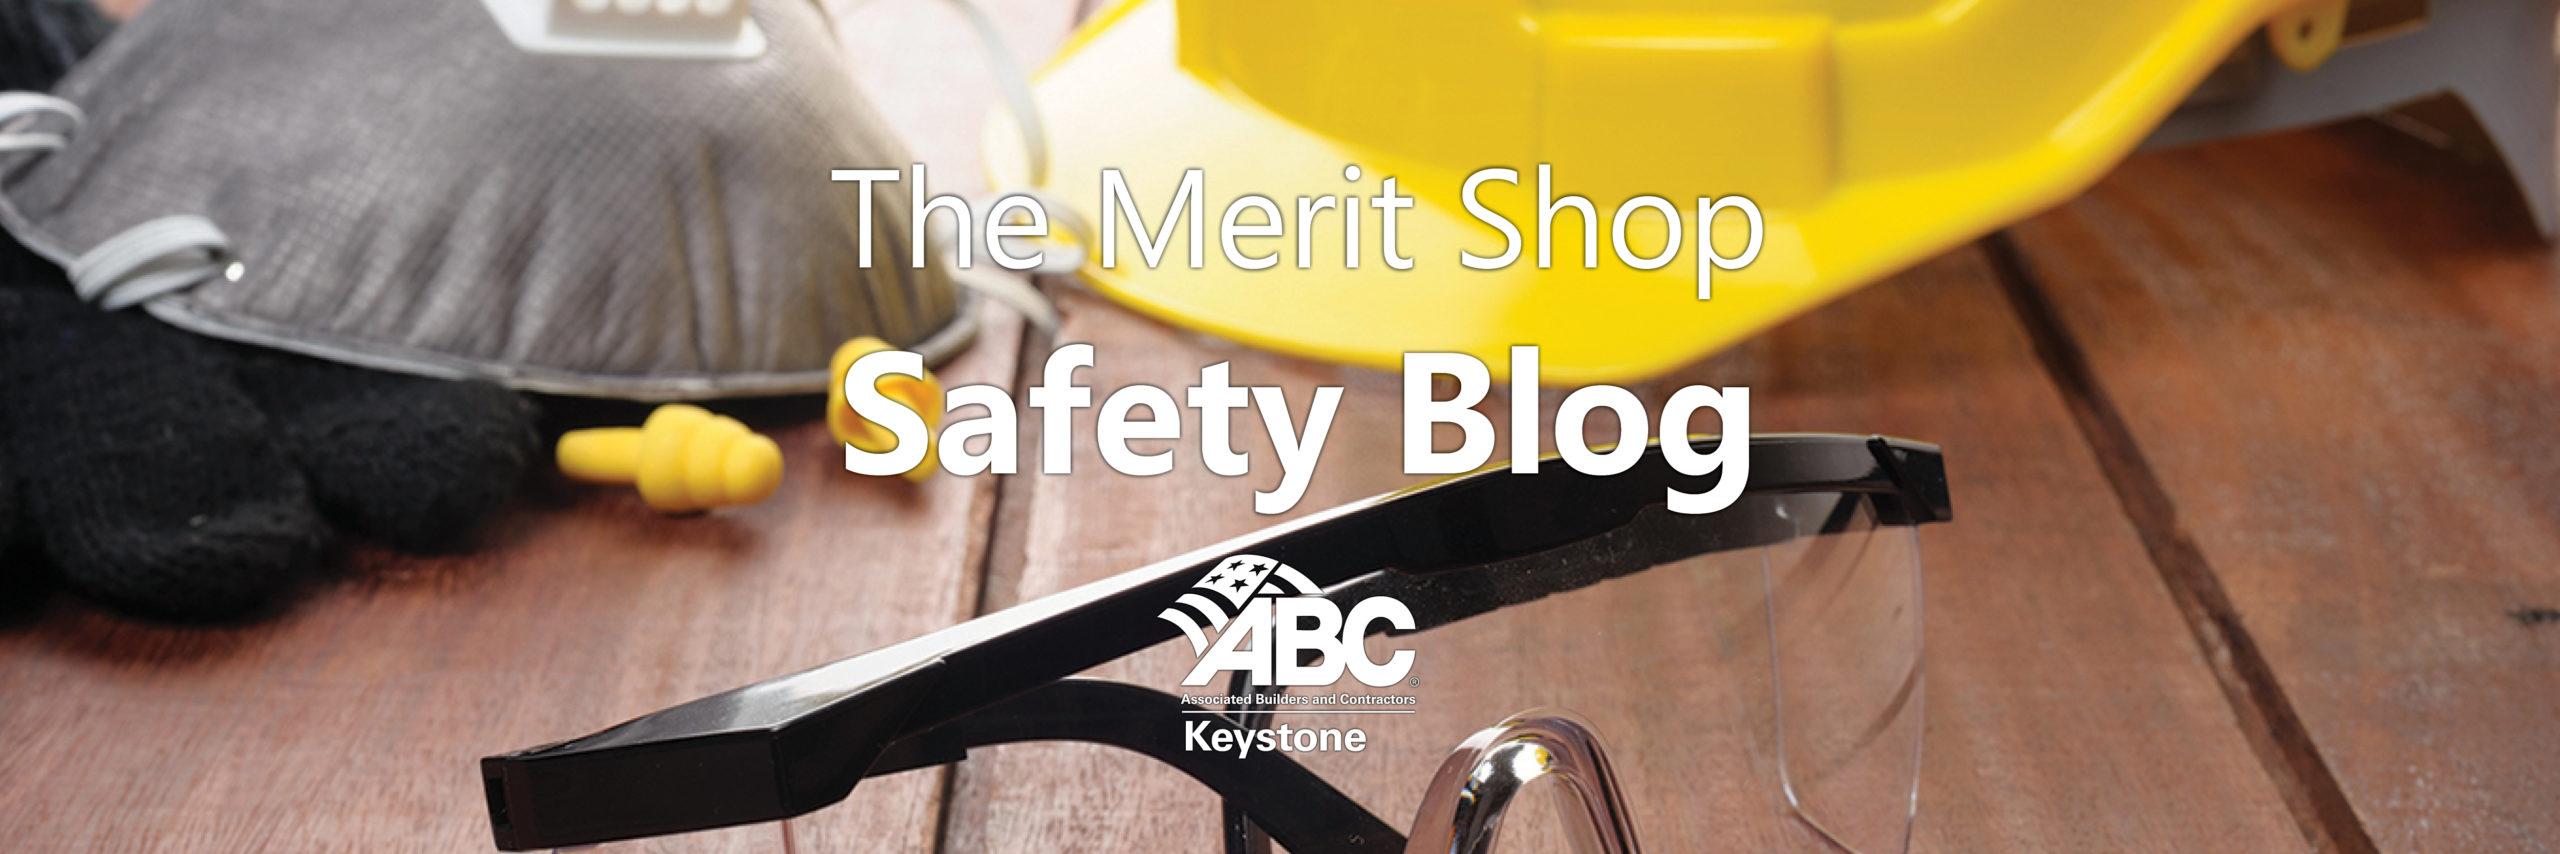 ABC Keystone Safety Blog